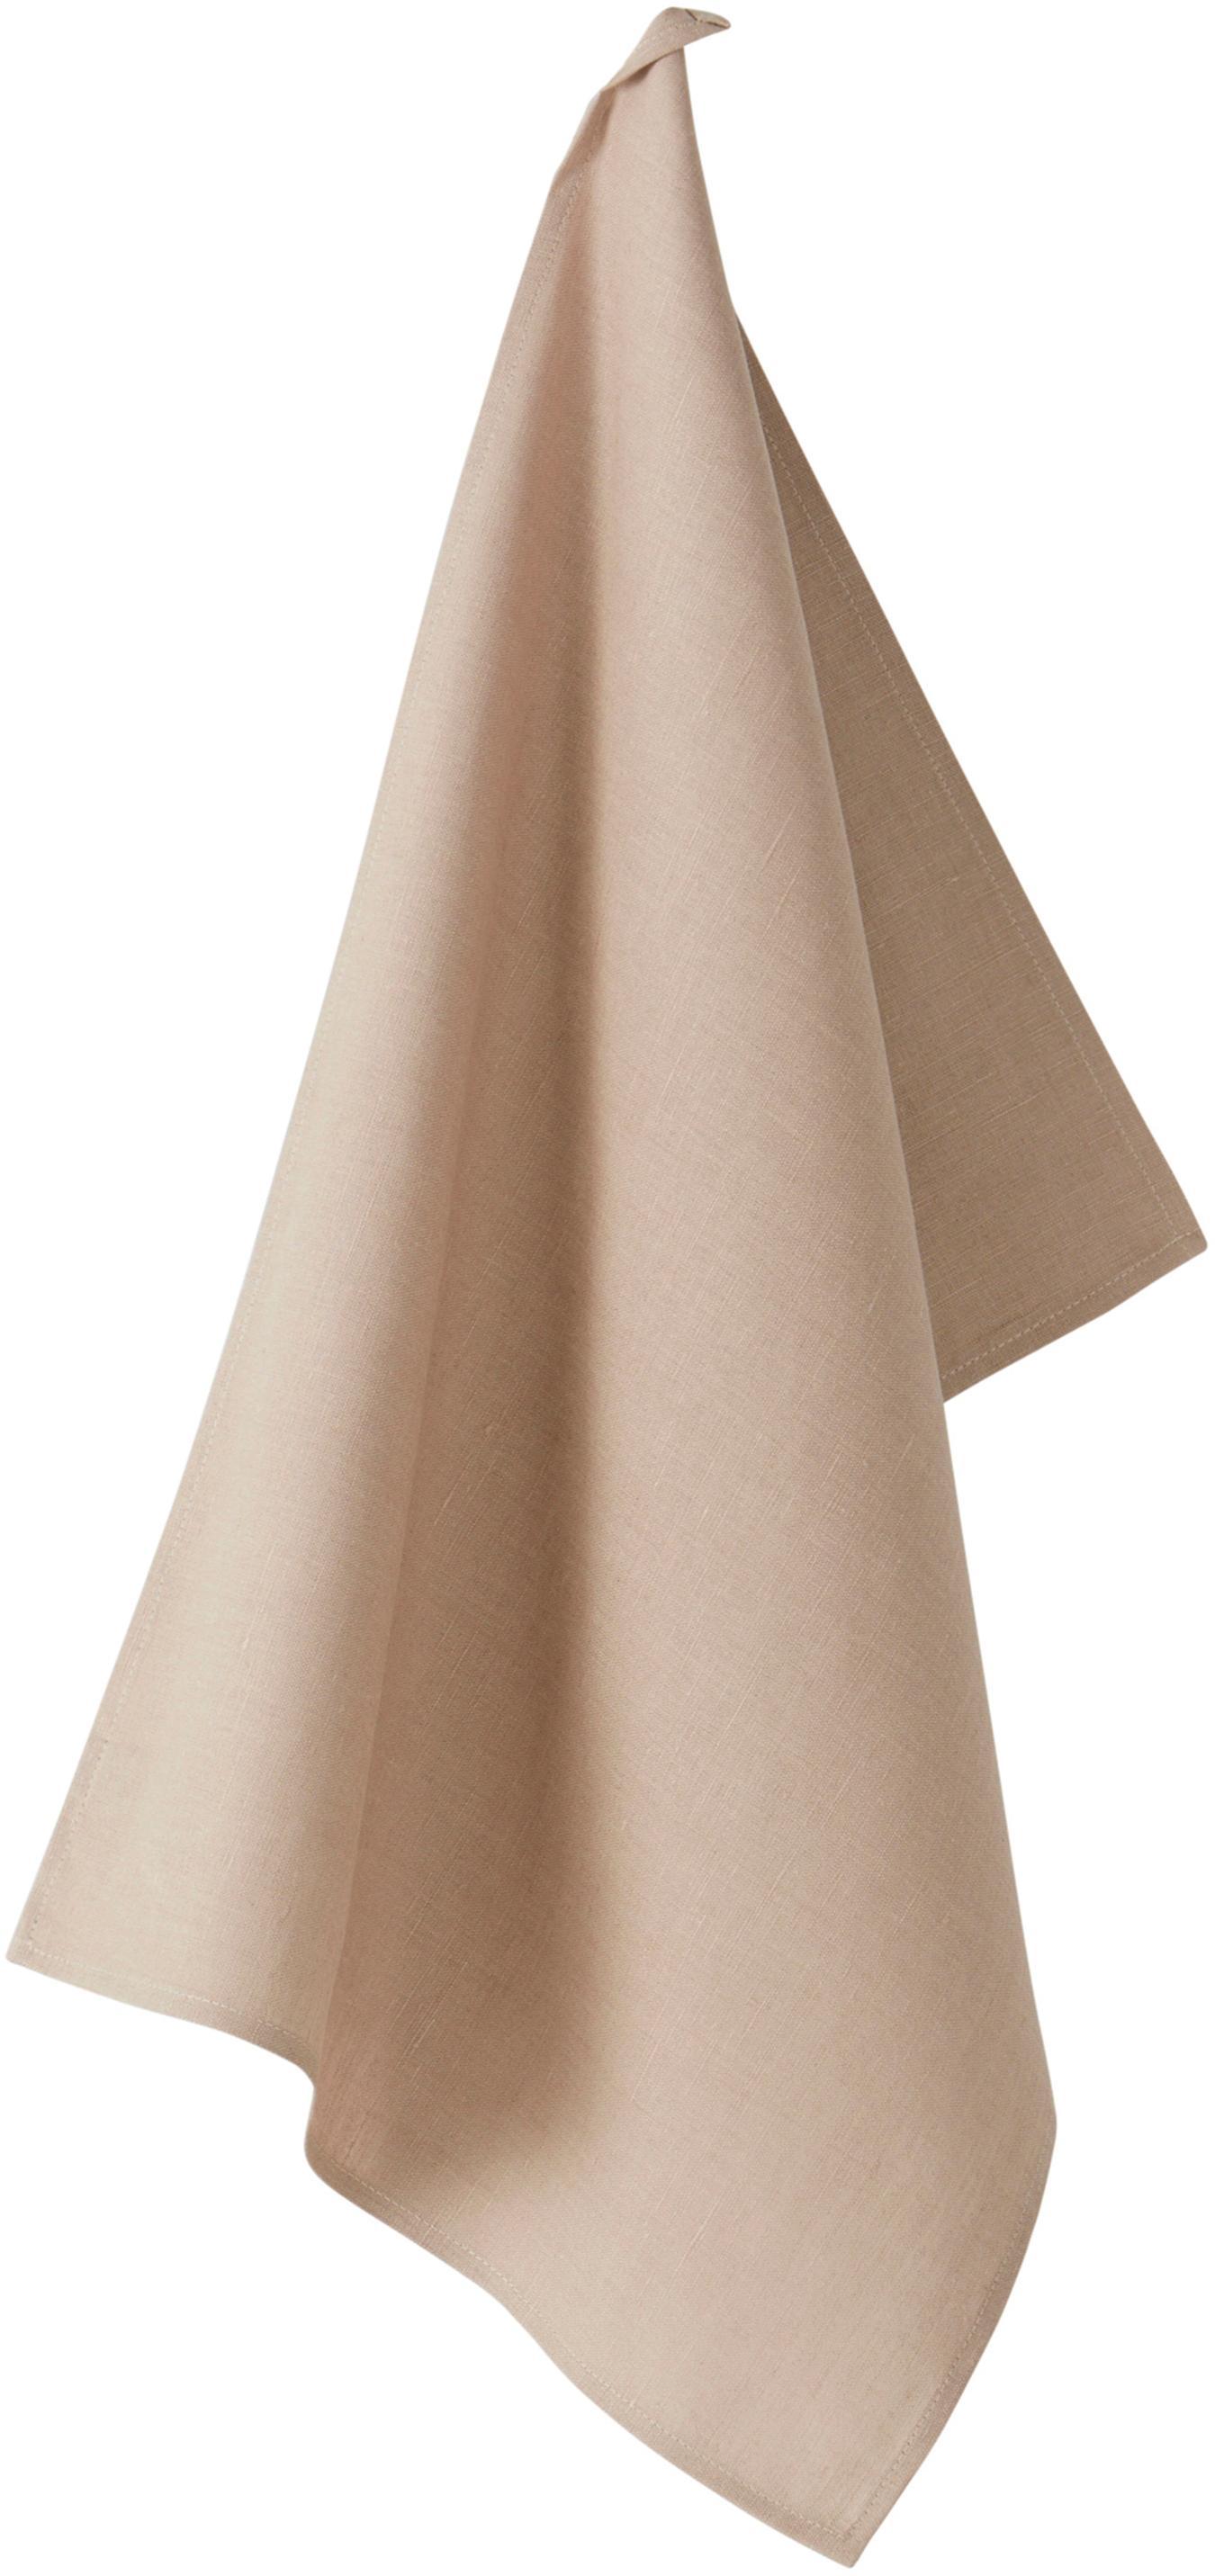 Leinen-Geschirrtuch Hermia, 57% Leinen, 43% Baumwolle, Beige, 50 x 70 cm